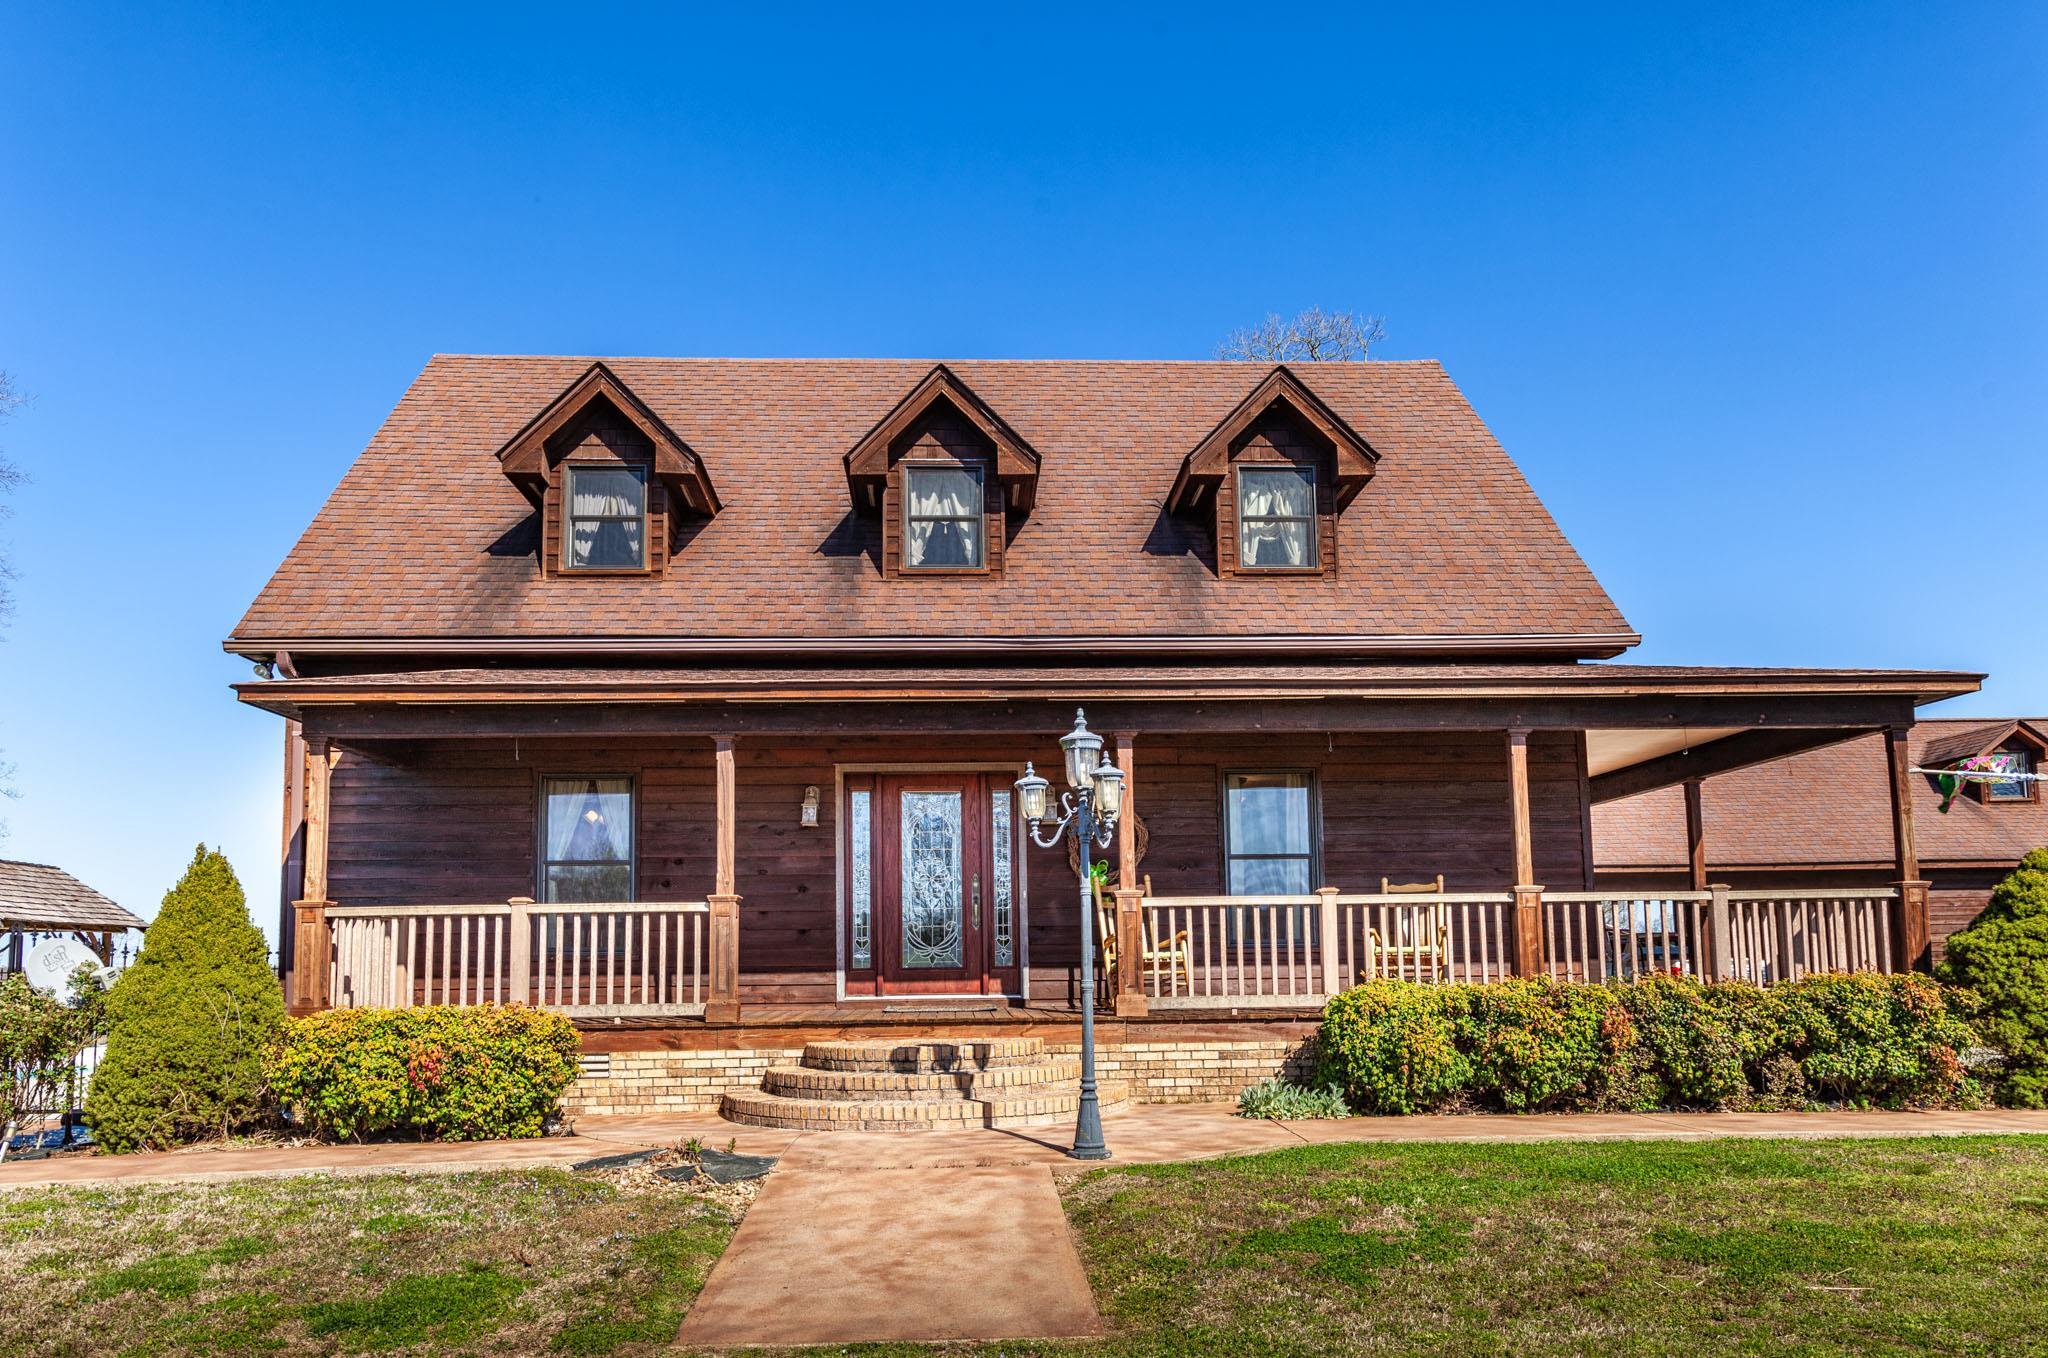 760 Clax Branch Rd, Loretto, TN 38469 - Loretto, TN real estate listing